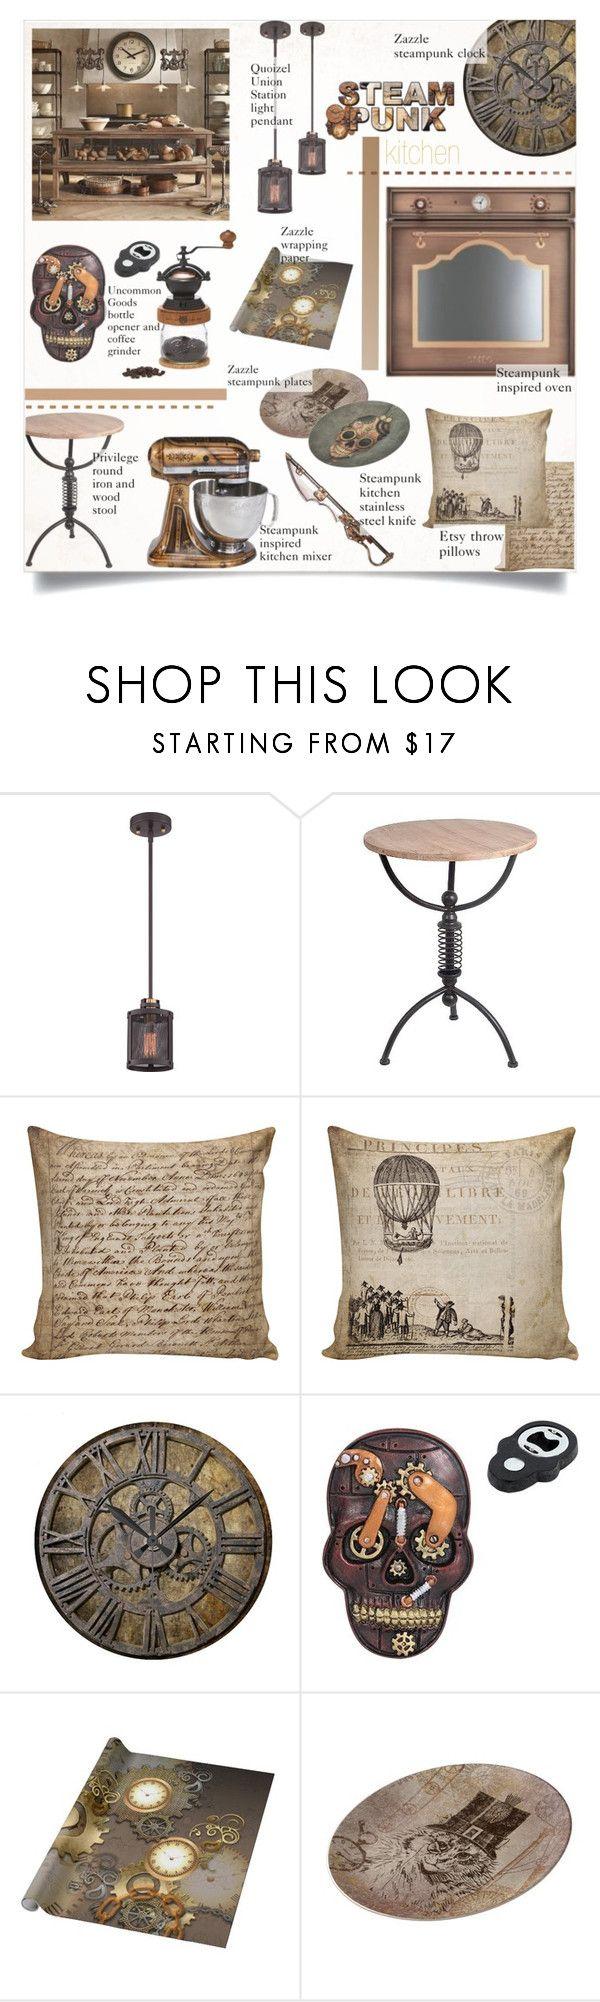 The 25 best steampunk interior ideas on pinterest for Steampunk kitchen accessories